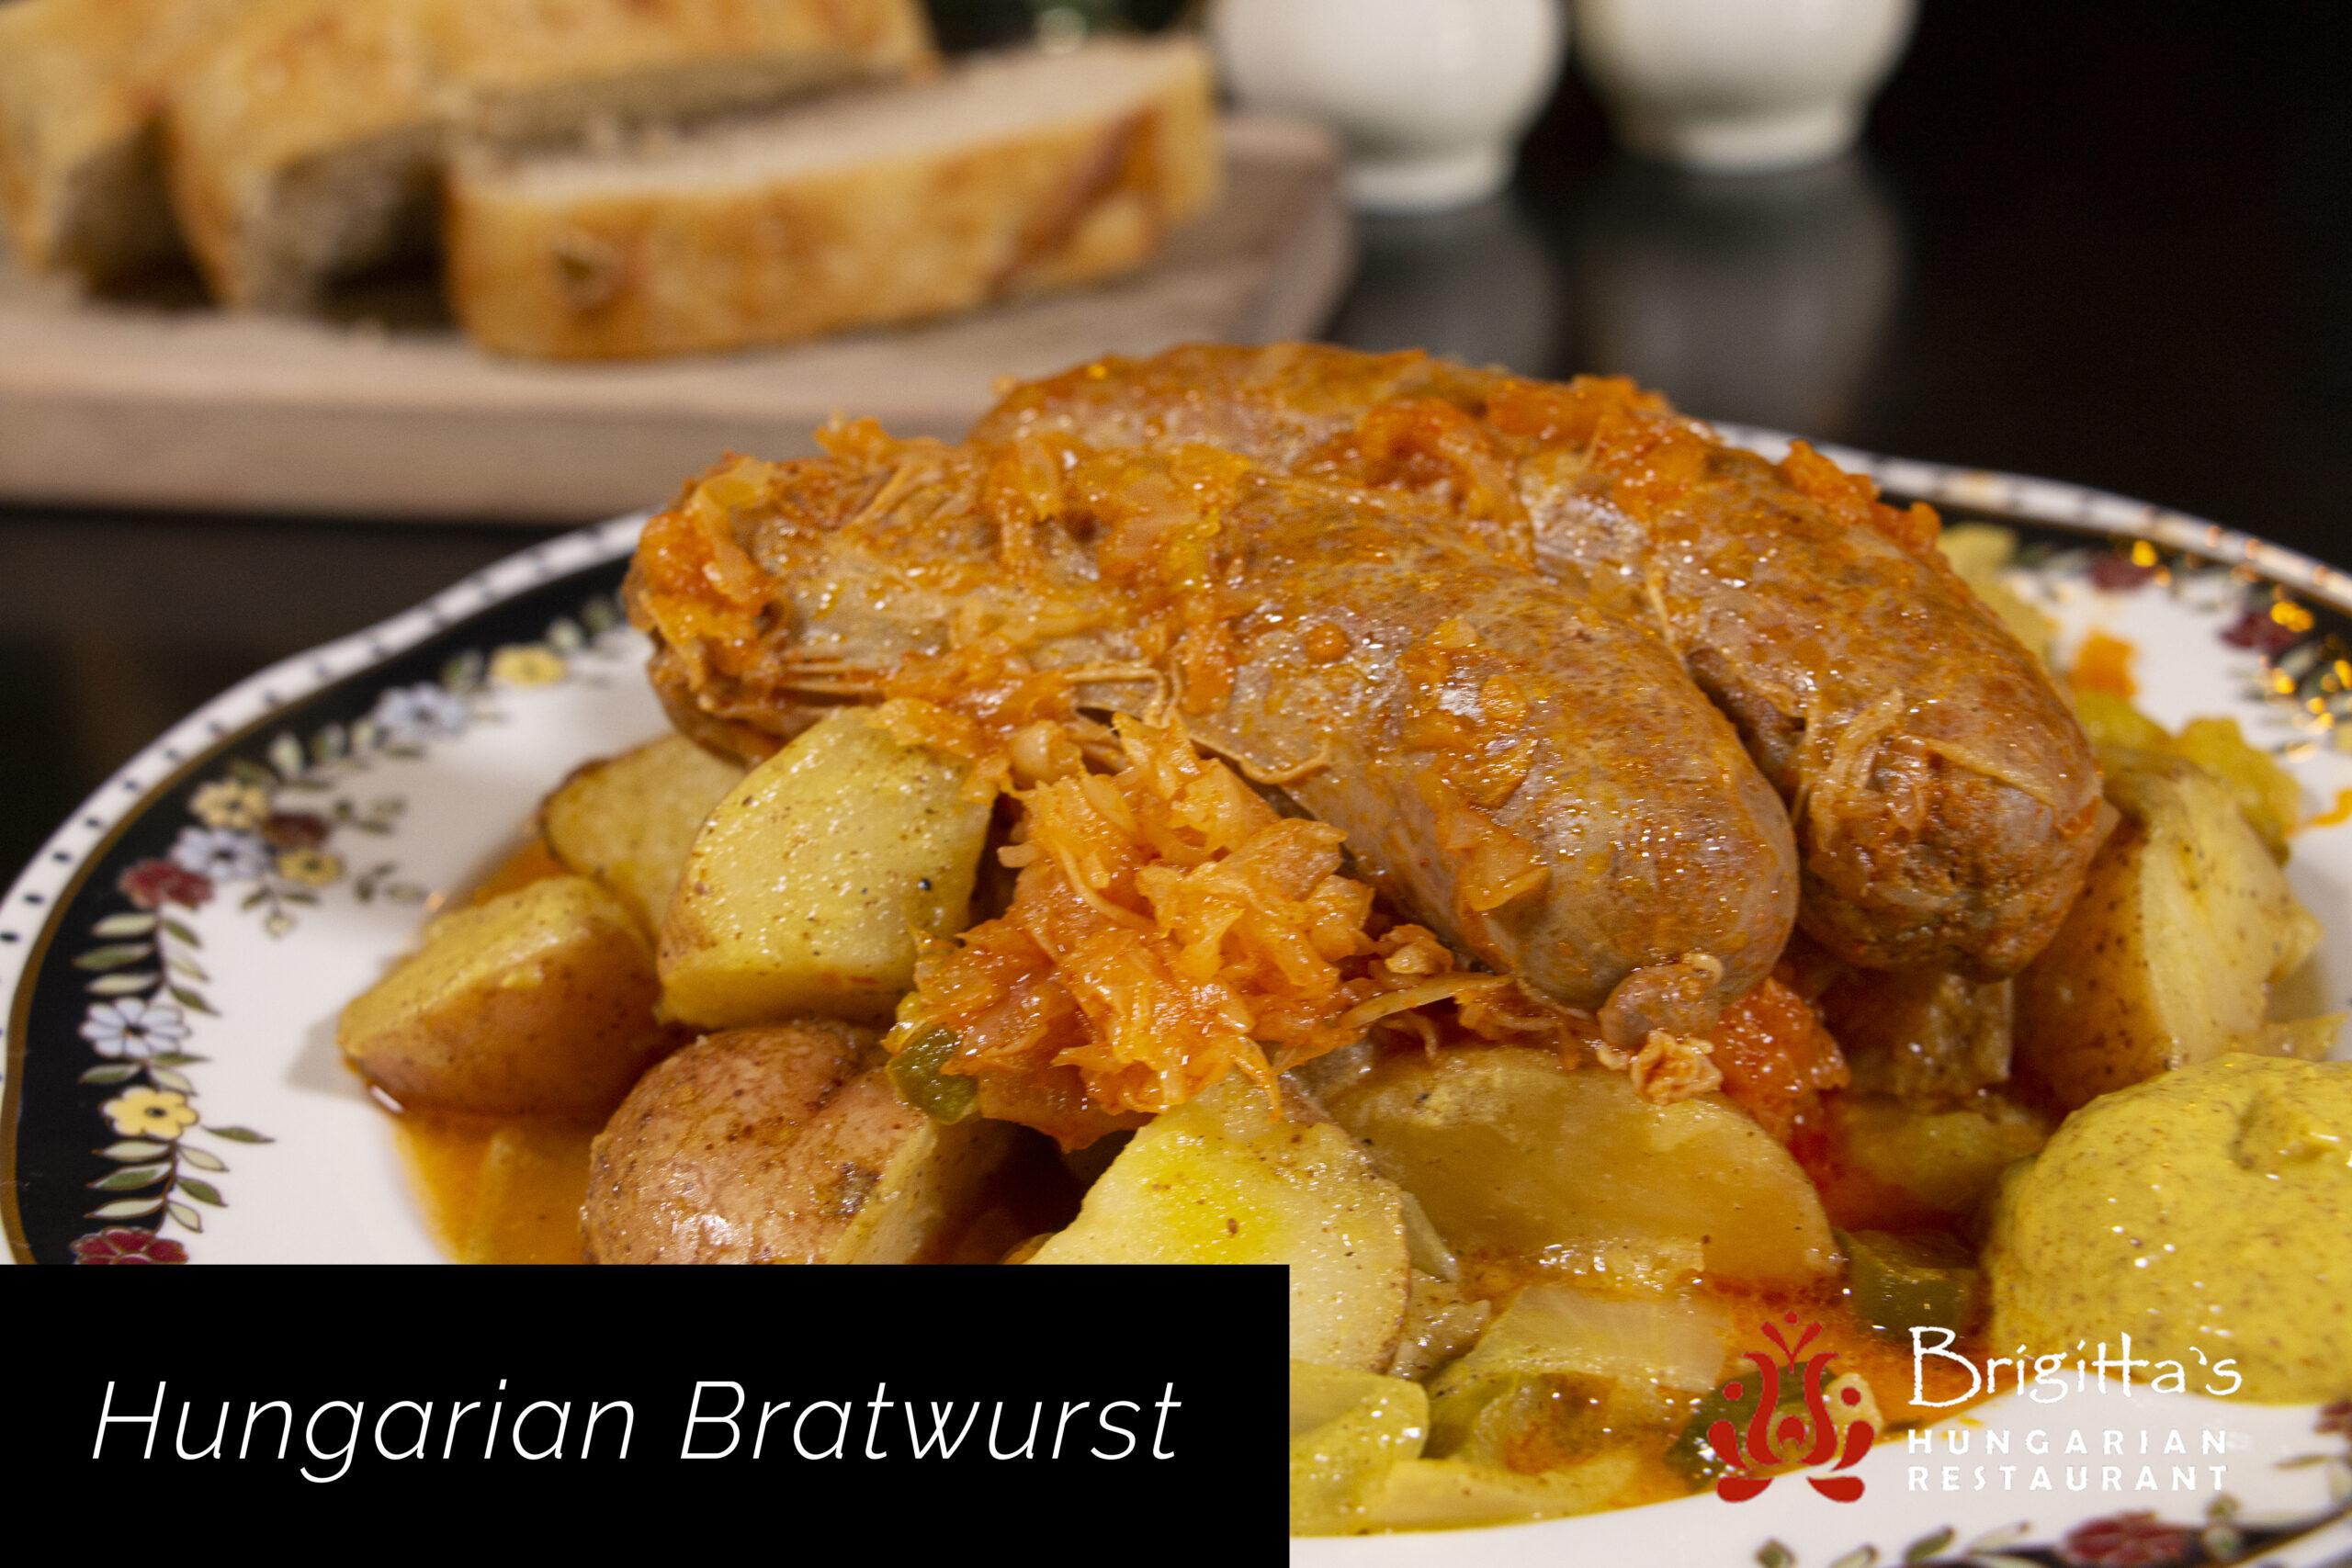 Hungarian Bratwurst